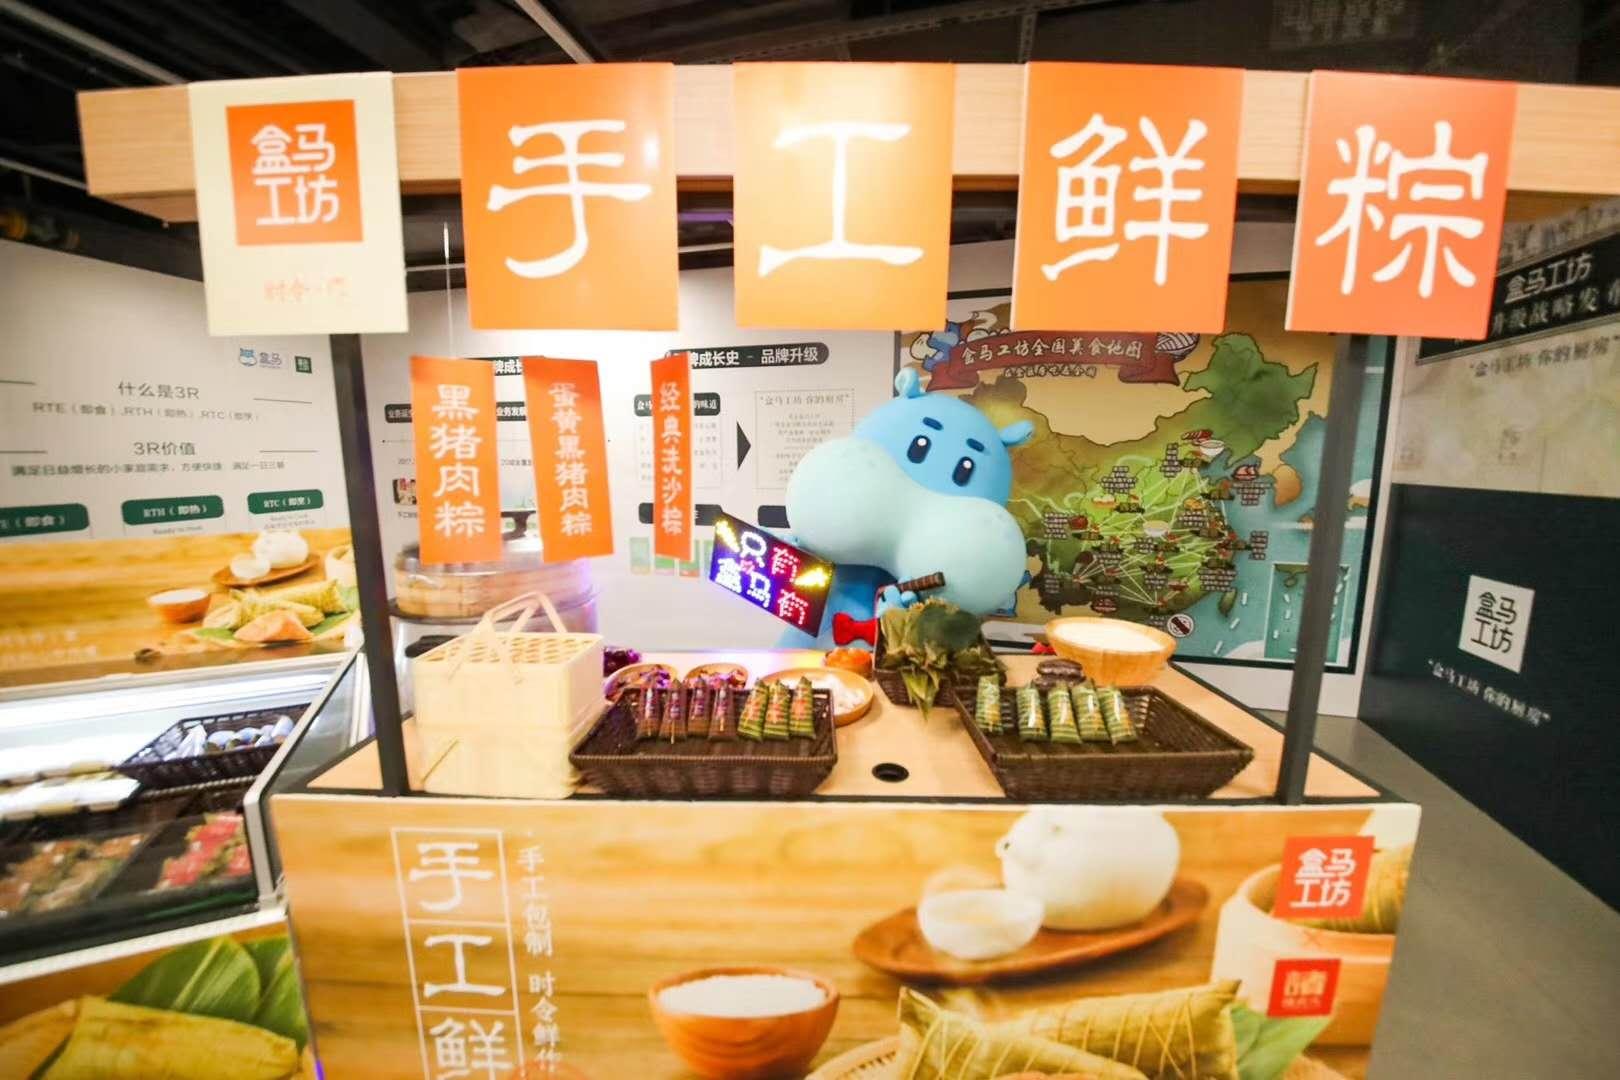 杏悦:工坊推餐饮零售一杏悦体化将在上海开首家图片